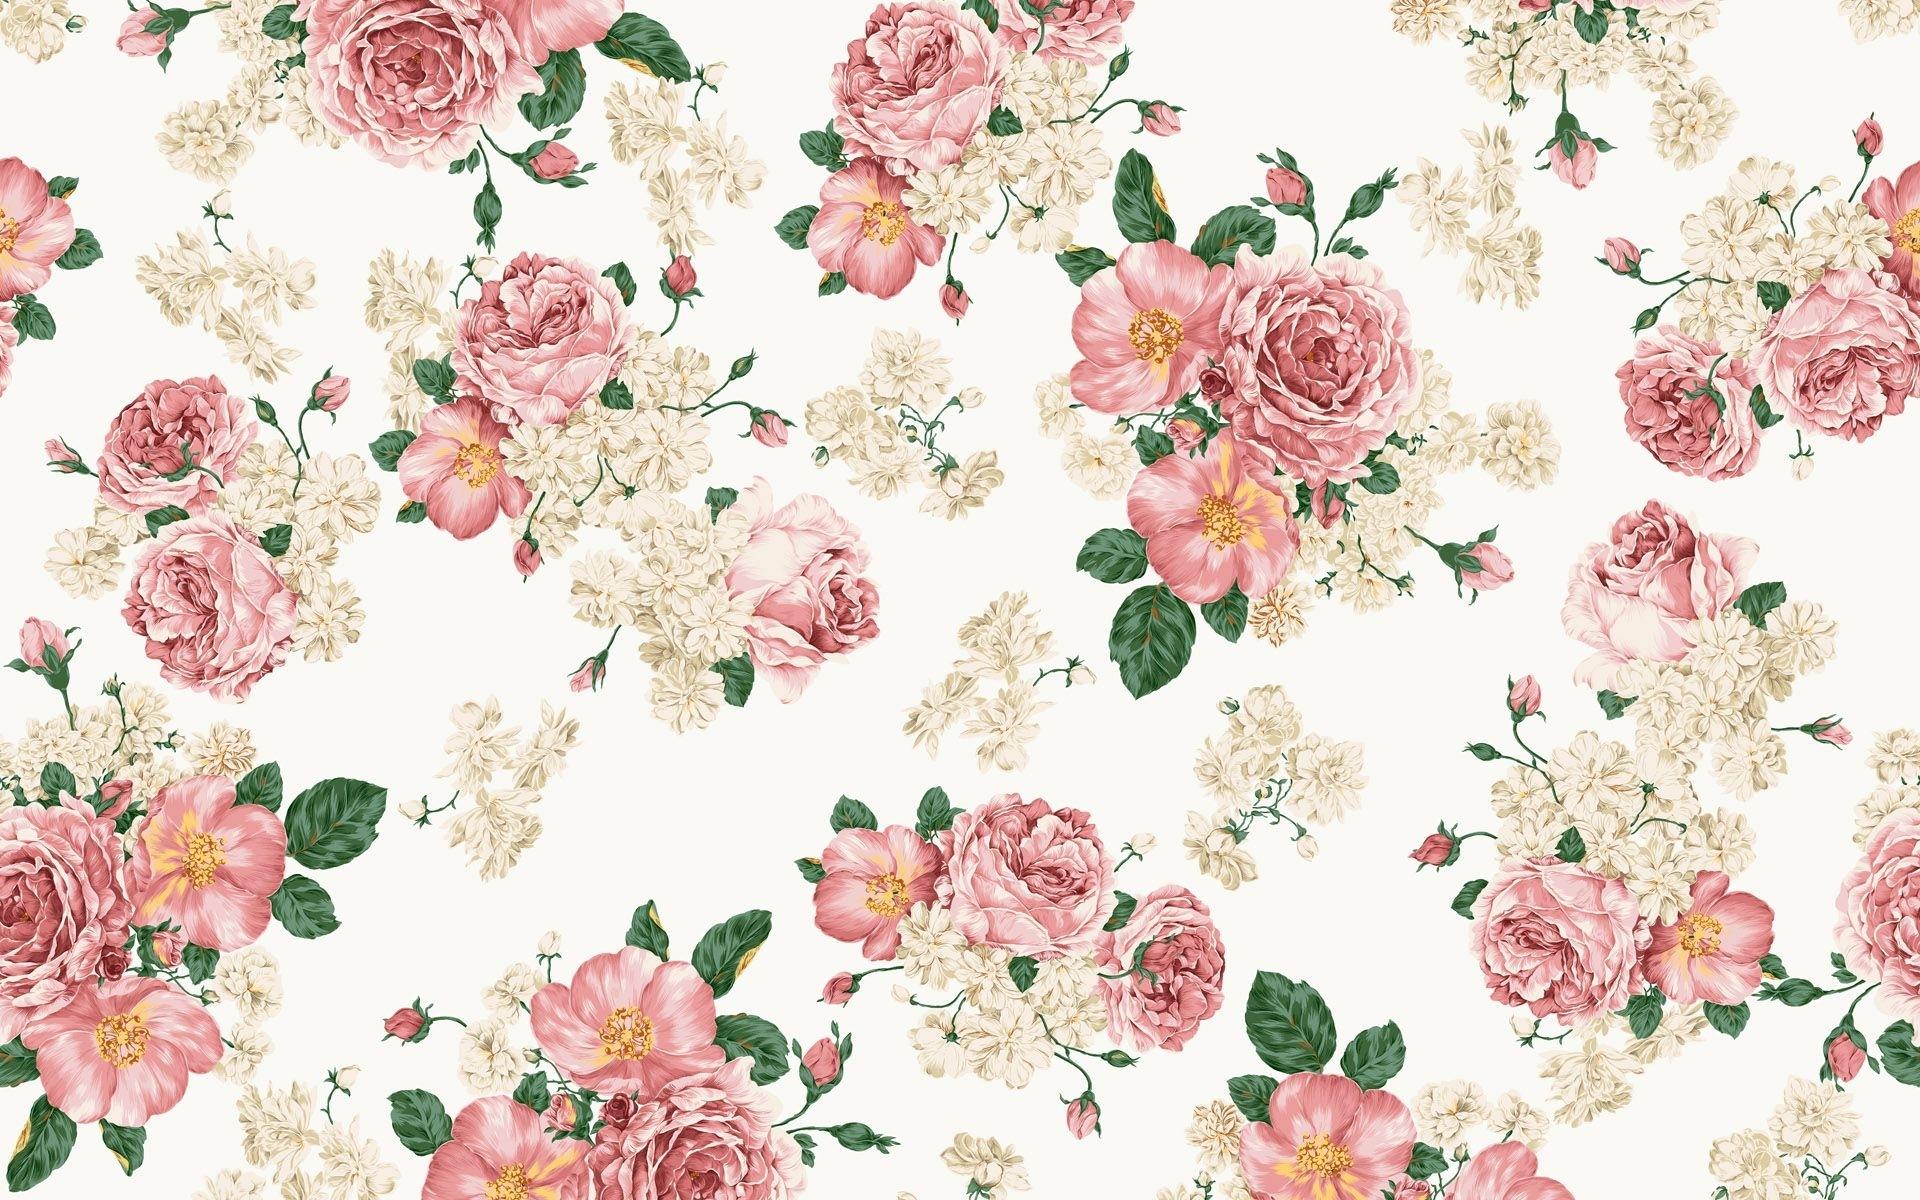 10 Most Popular Vintage Floral Pattern Desktop Wallpaper FULL HD 1920×1080 For PC Background